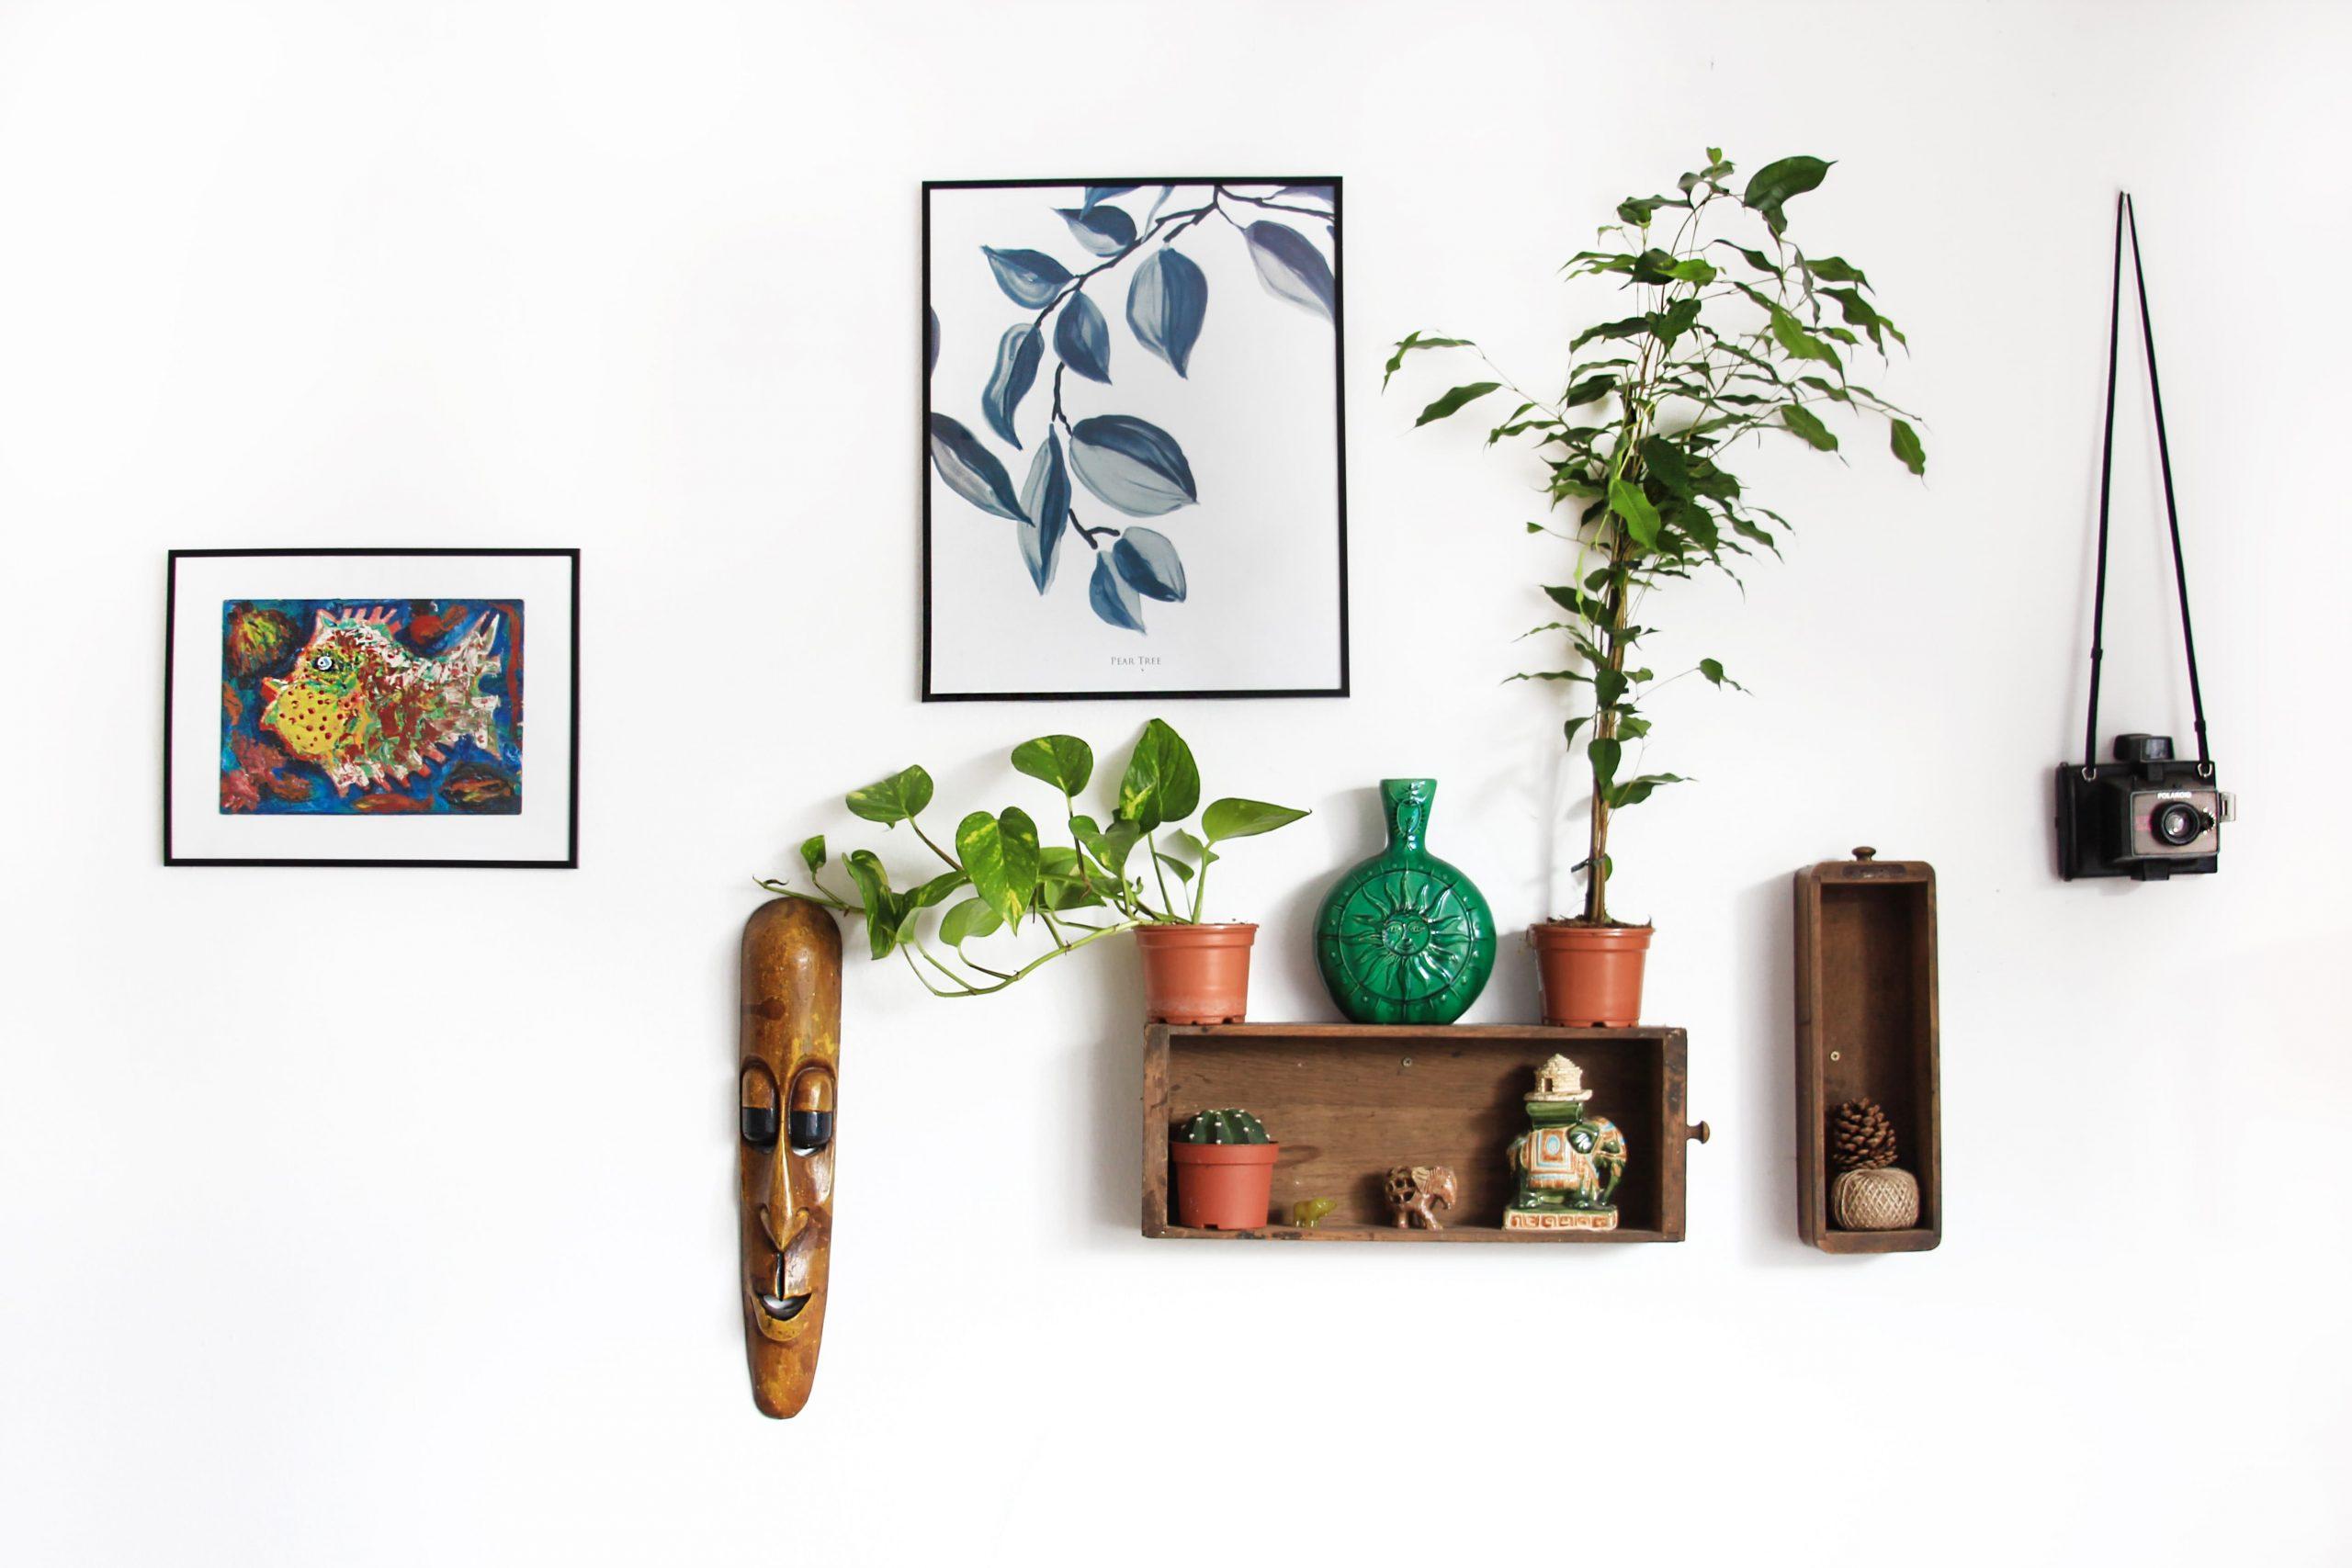 Comment embellir votre maison sans dépenser d'argent ?